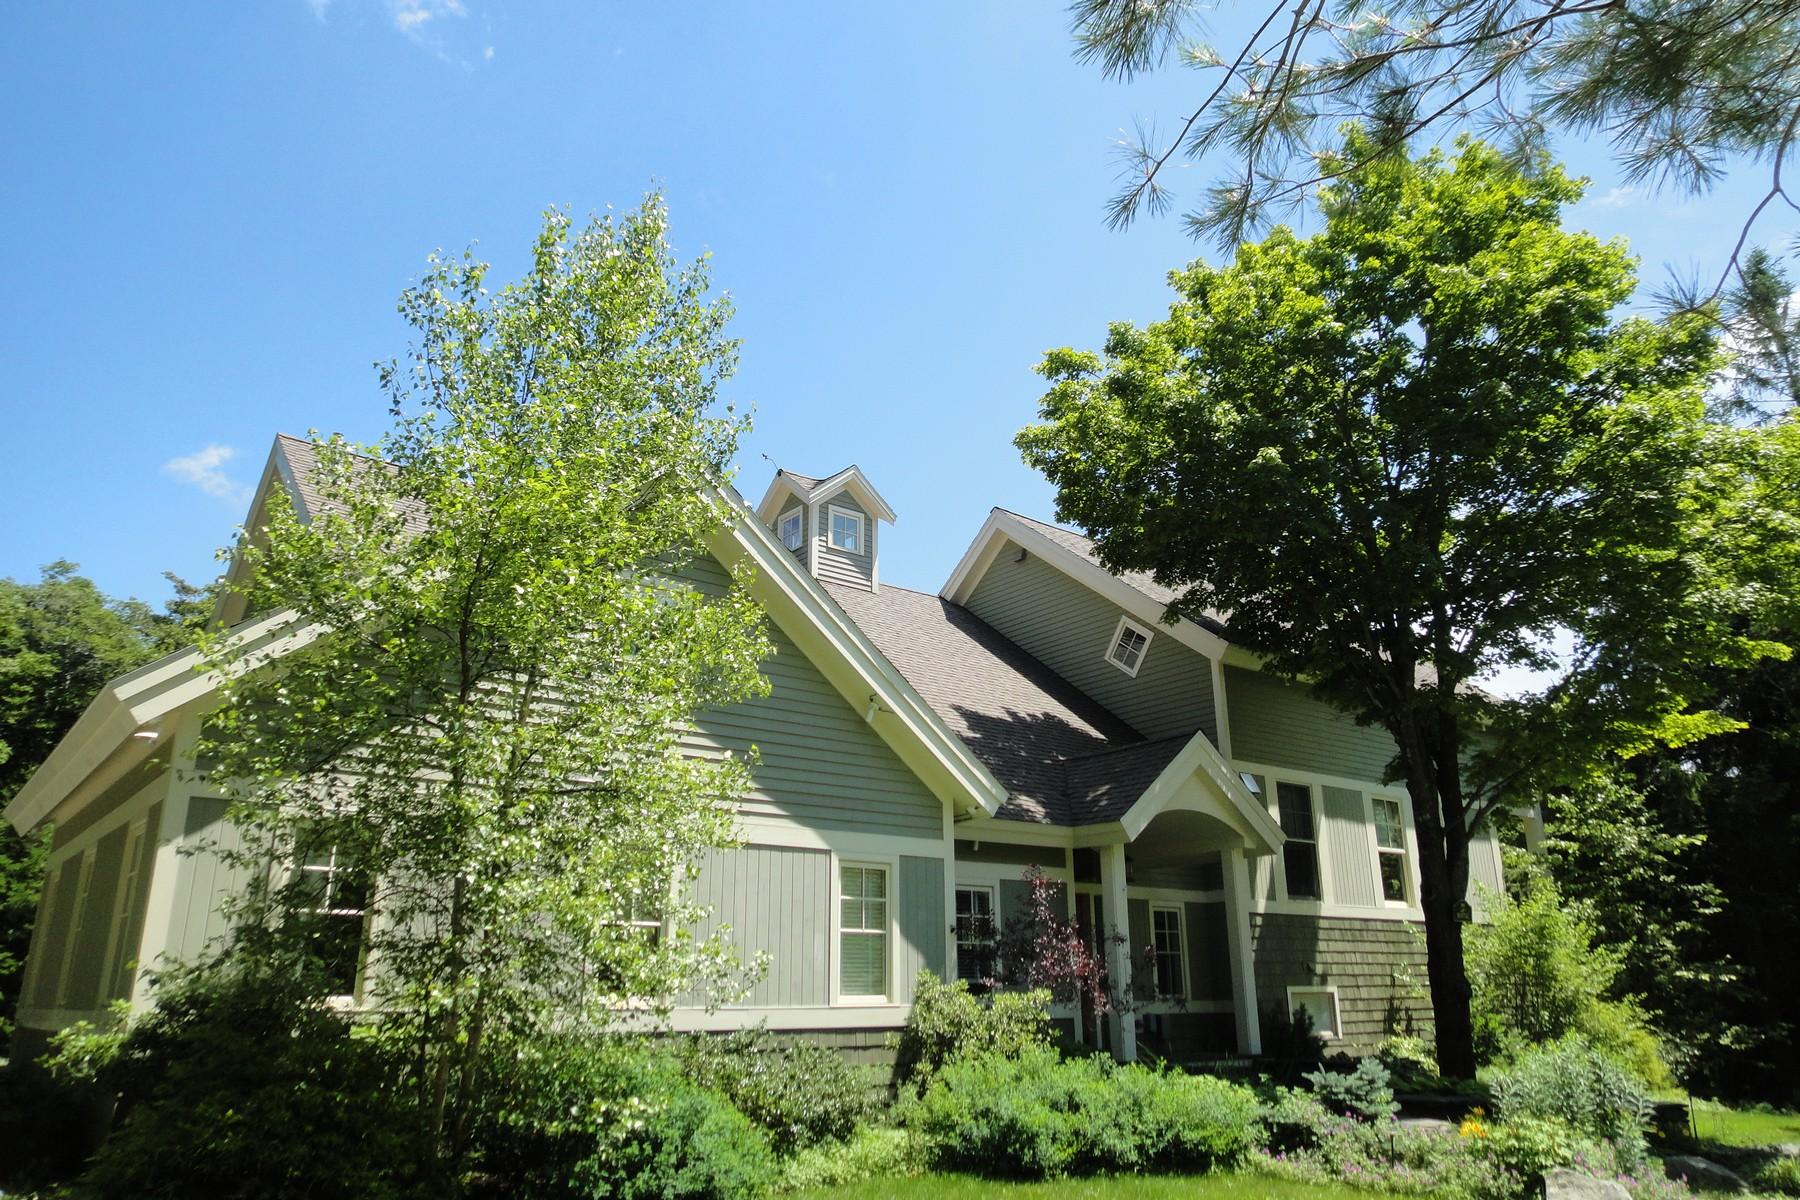 단독 가정 주택 용 매매 에 Premier Stratton Mountain 99 West Ridge Rd Stratton, 베르몬트 05155 미국